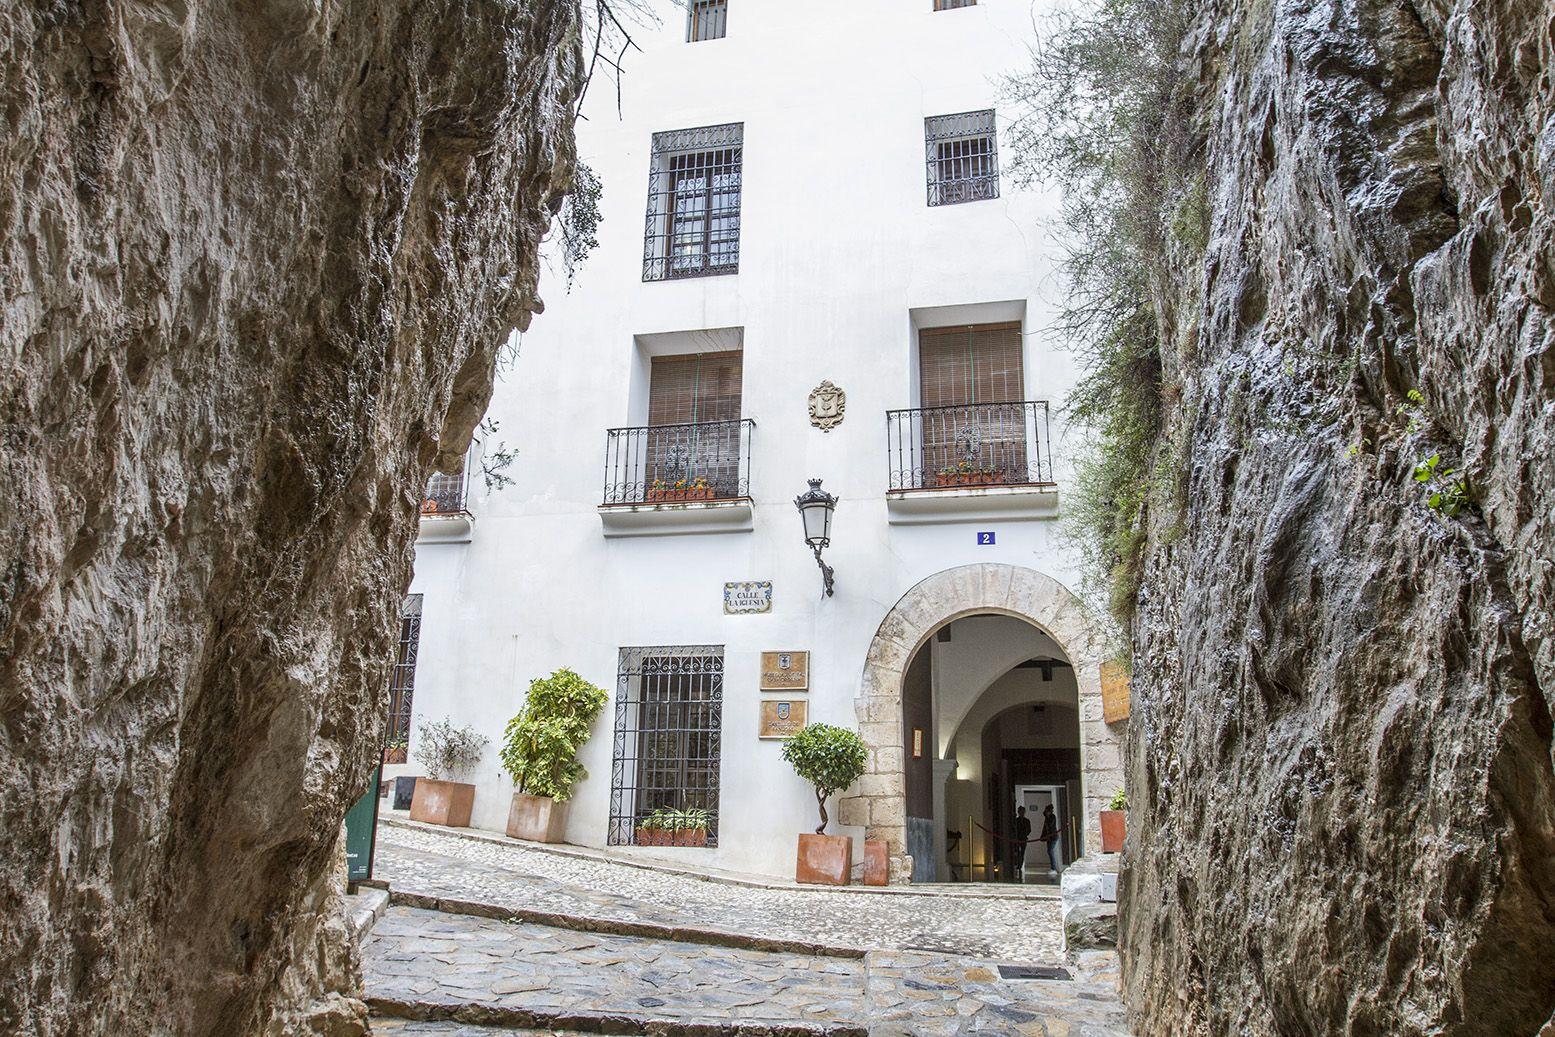 La Casa Ordu A Fue Construida Despu S Del Gran Terremoto De 1644  # Castillo Muebles Jujuy